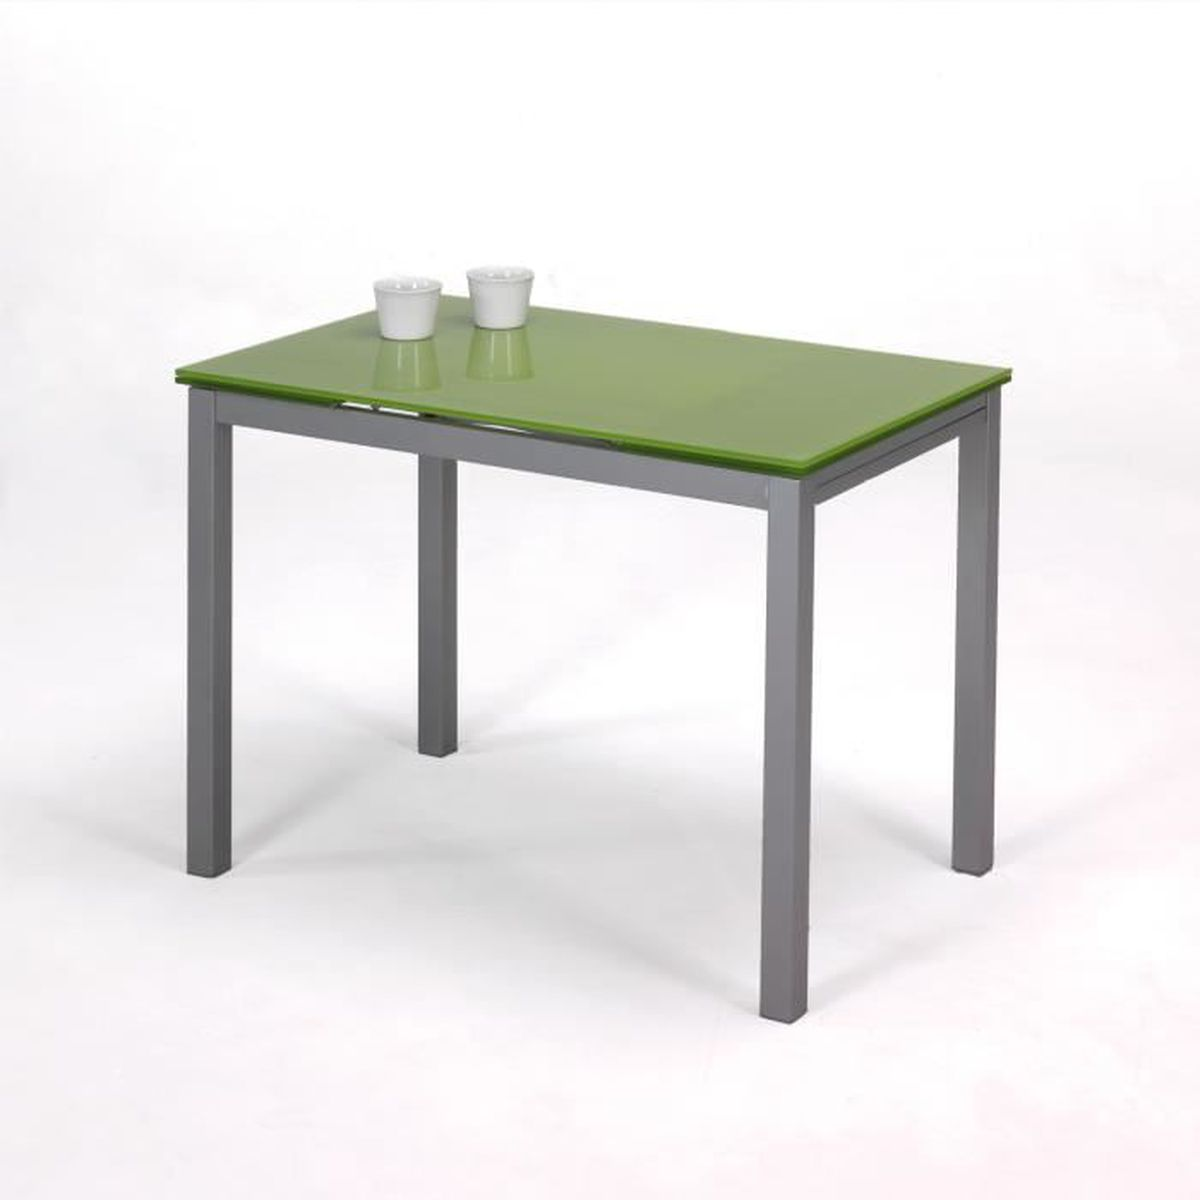 Table extensible avec ailes vert achat vente console for Meuble avec table extensible